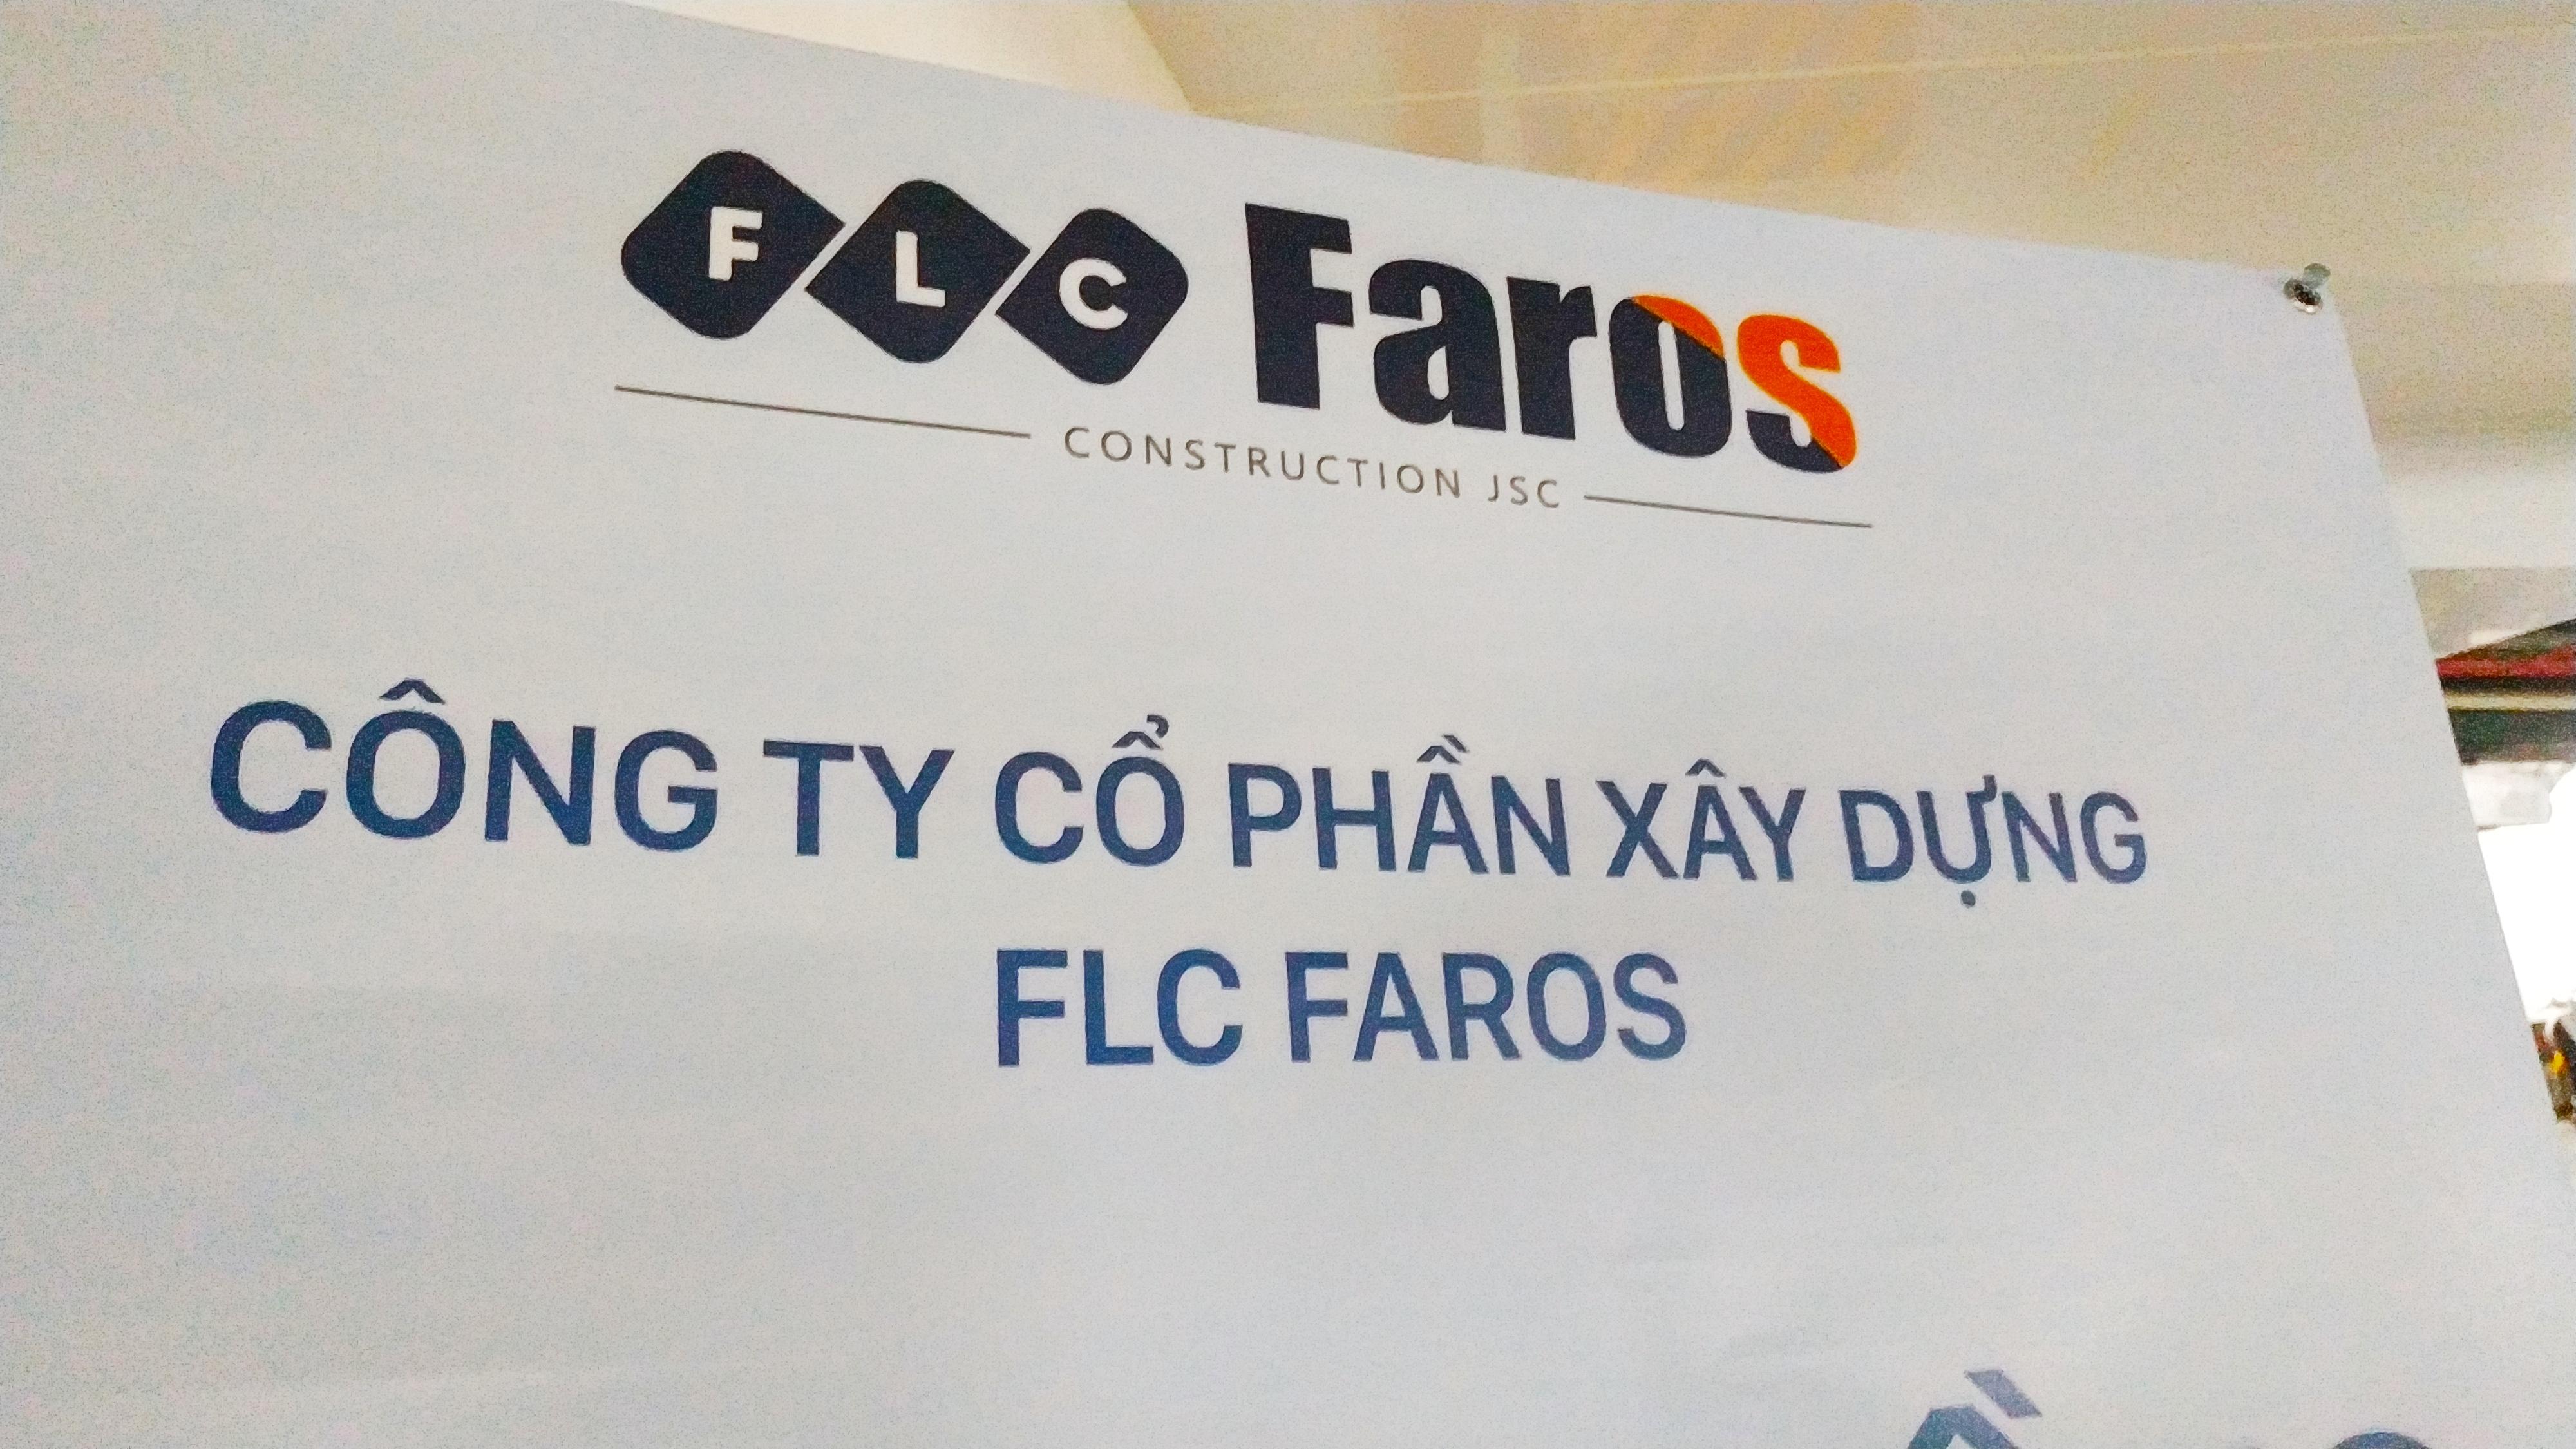 FLC Faros thay người phụ trách kế toán sau chưa đầy một tháng bổ nhiệm - Ảnh 1.